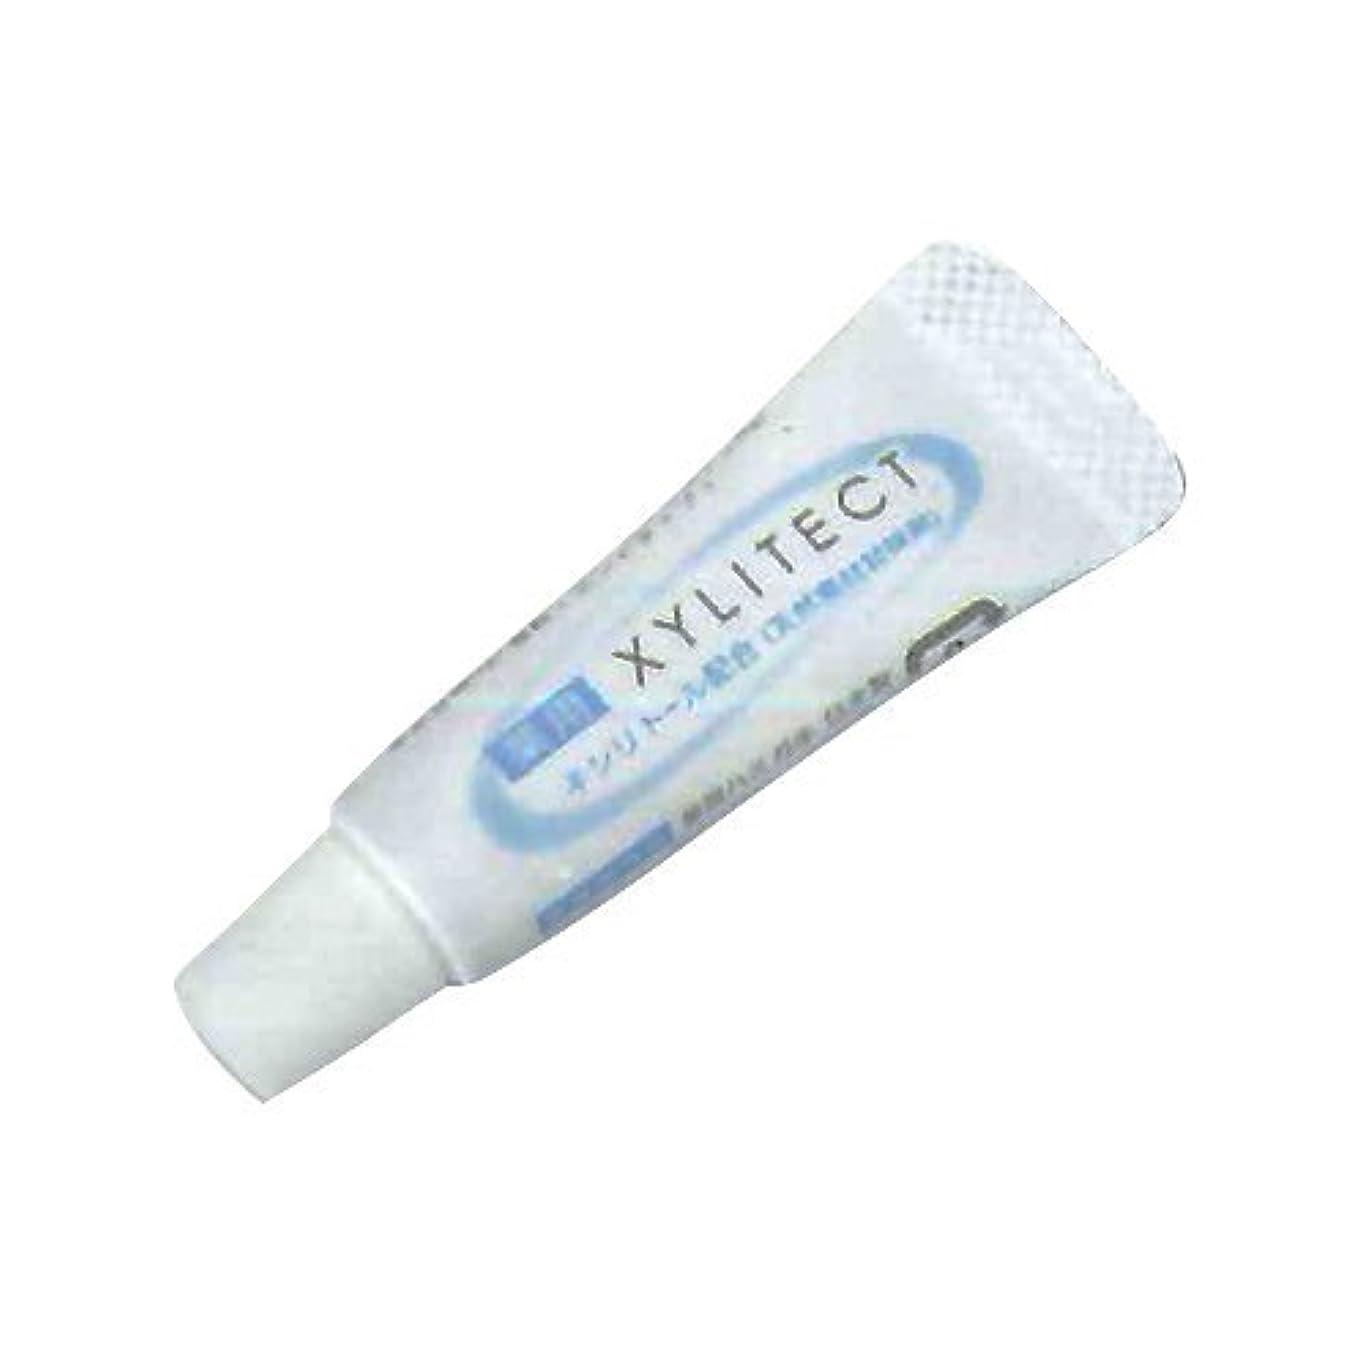 免除ヒゲクジラ頑張る業務用歯磨き粉 薬用キシリテクト (XYLITECT) 4.5g ×30個セット (個包装タイプ)   ホテルアメニティ ハミガキ toothpaste